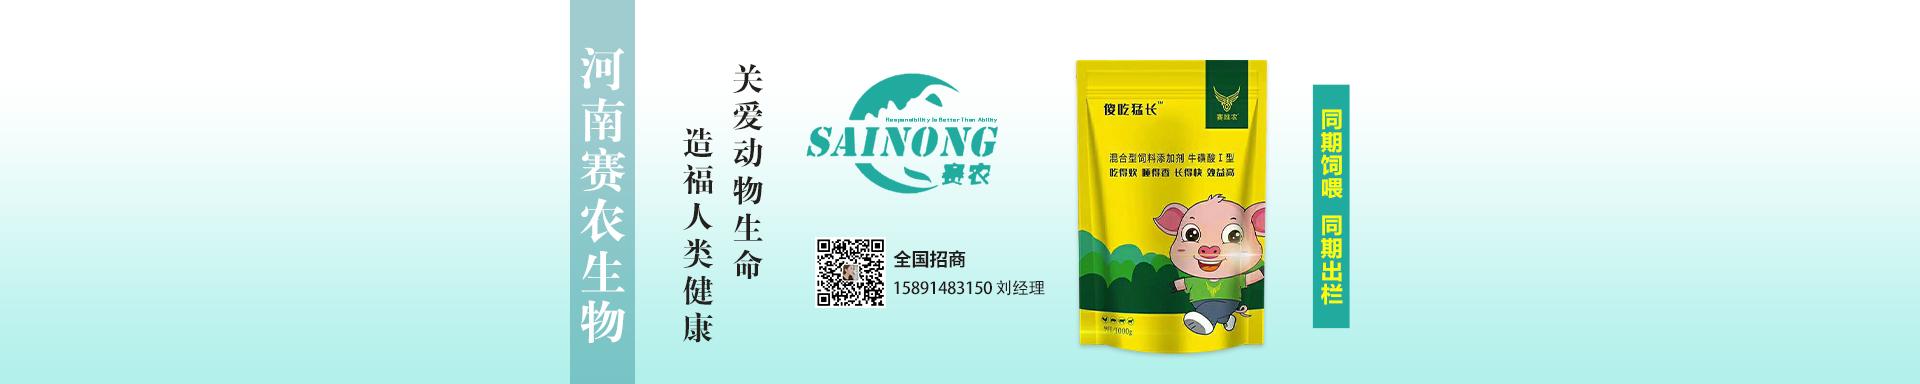 河南赛农生物科技有限公司